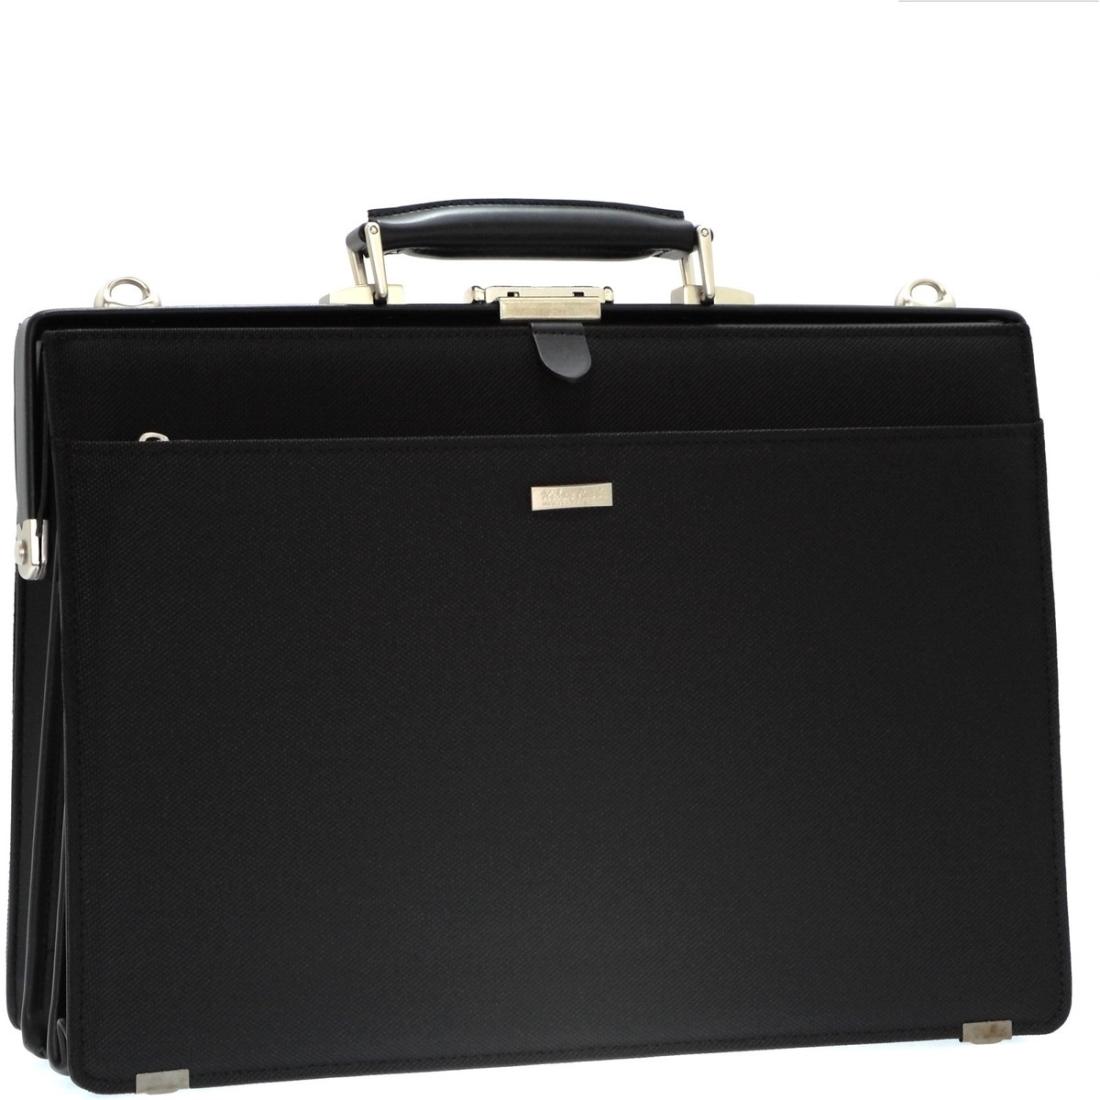 ナイロンダレスバッグ ブラック ビジネス 仕事 バッグ 日本製日本 革 鞄 ダレス バッグ 本革 付属